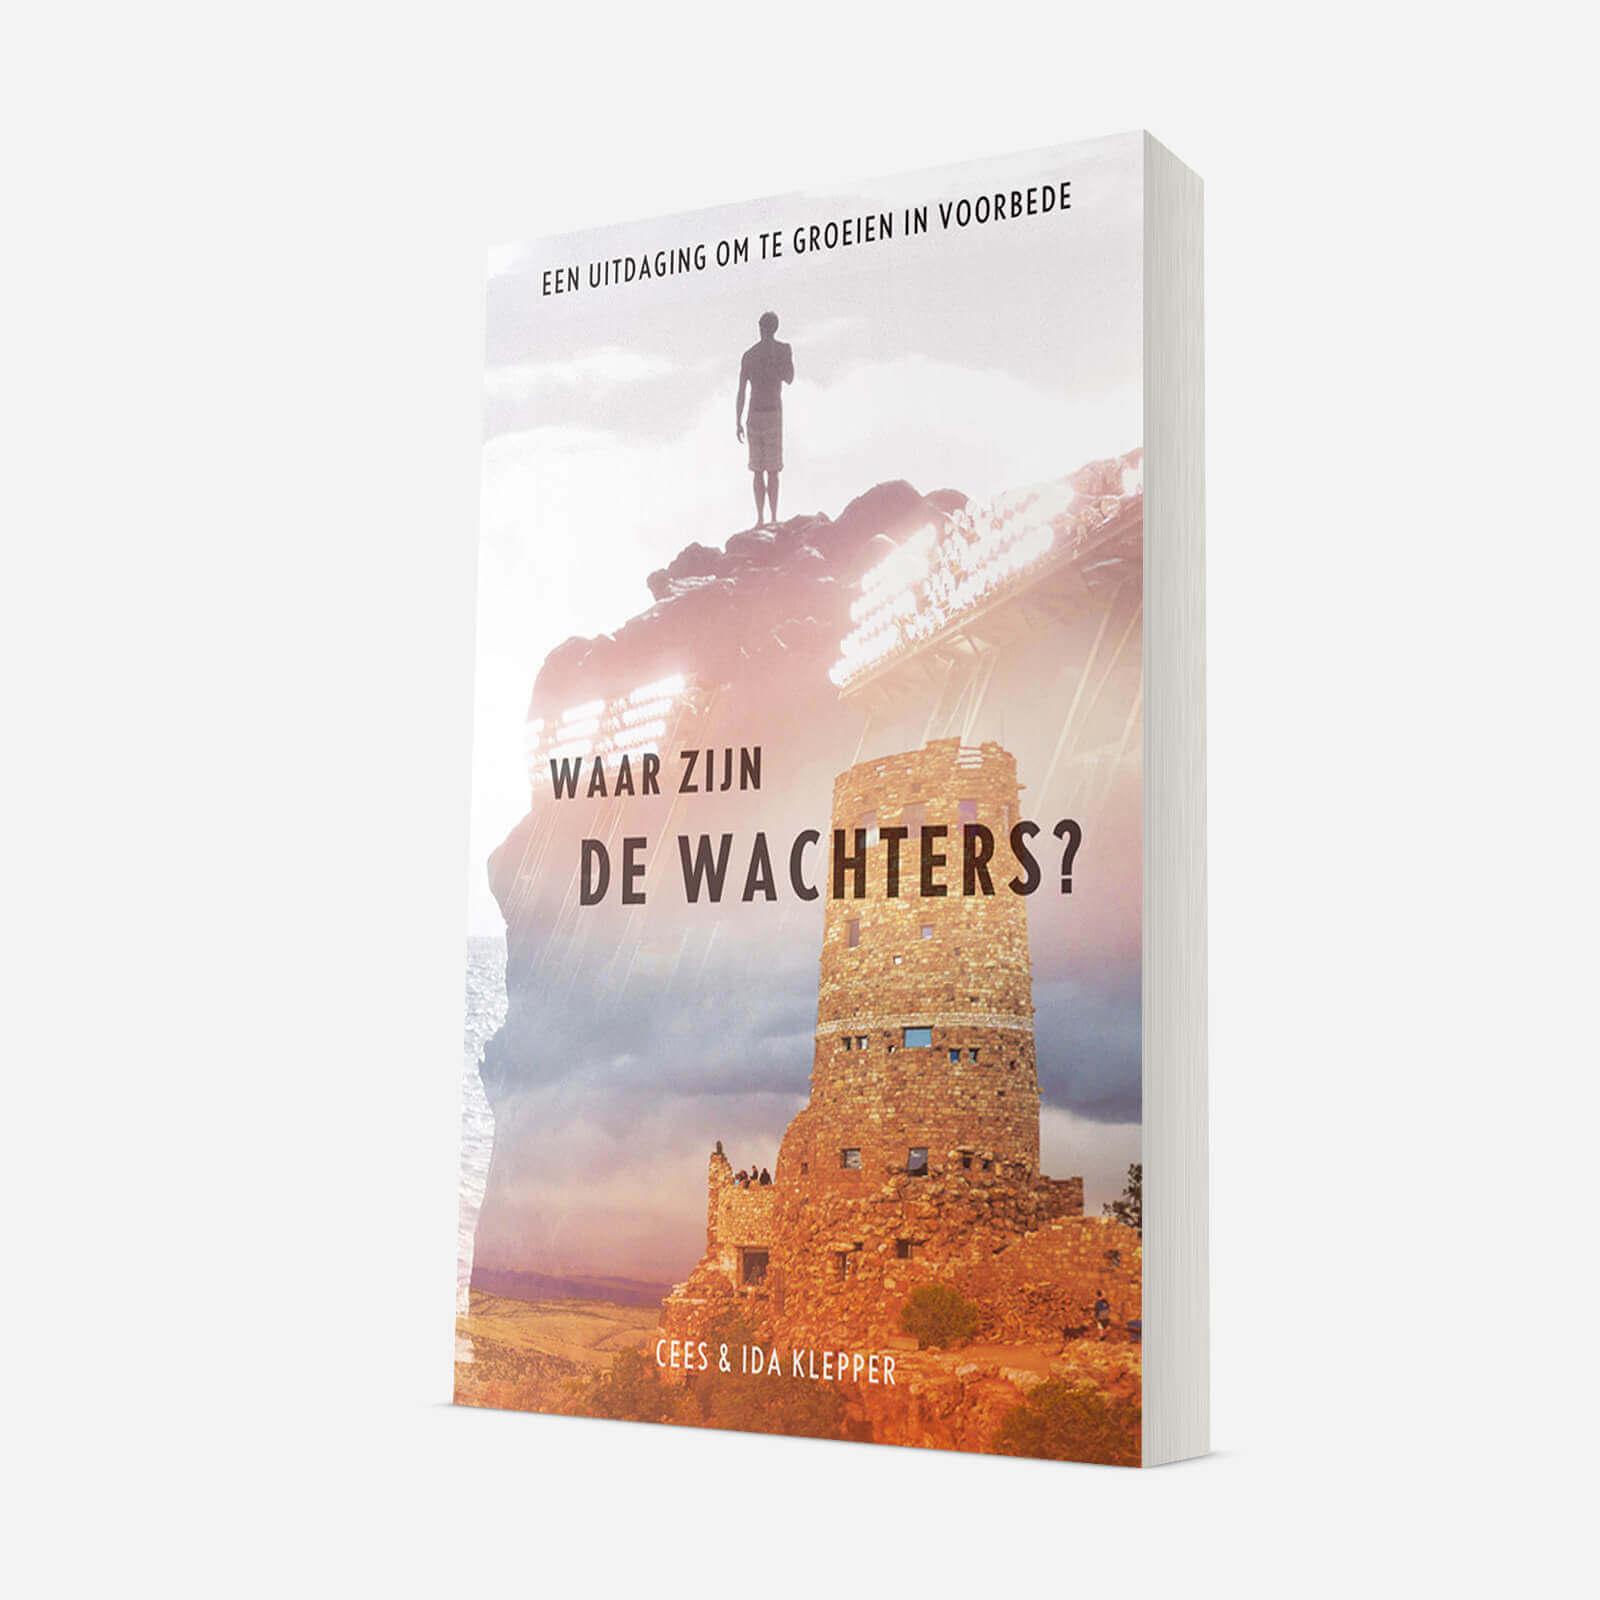 Boek: Waar zijn de wachters?